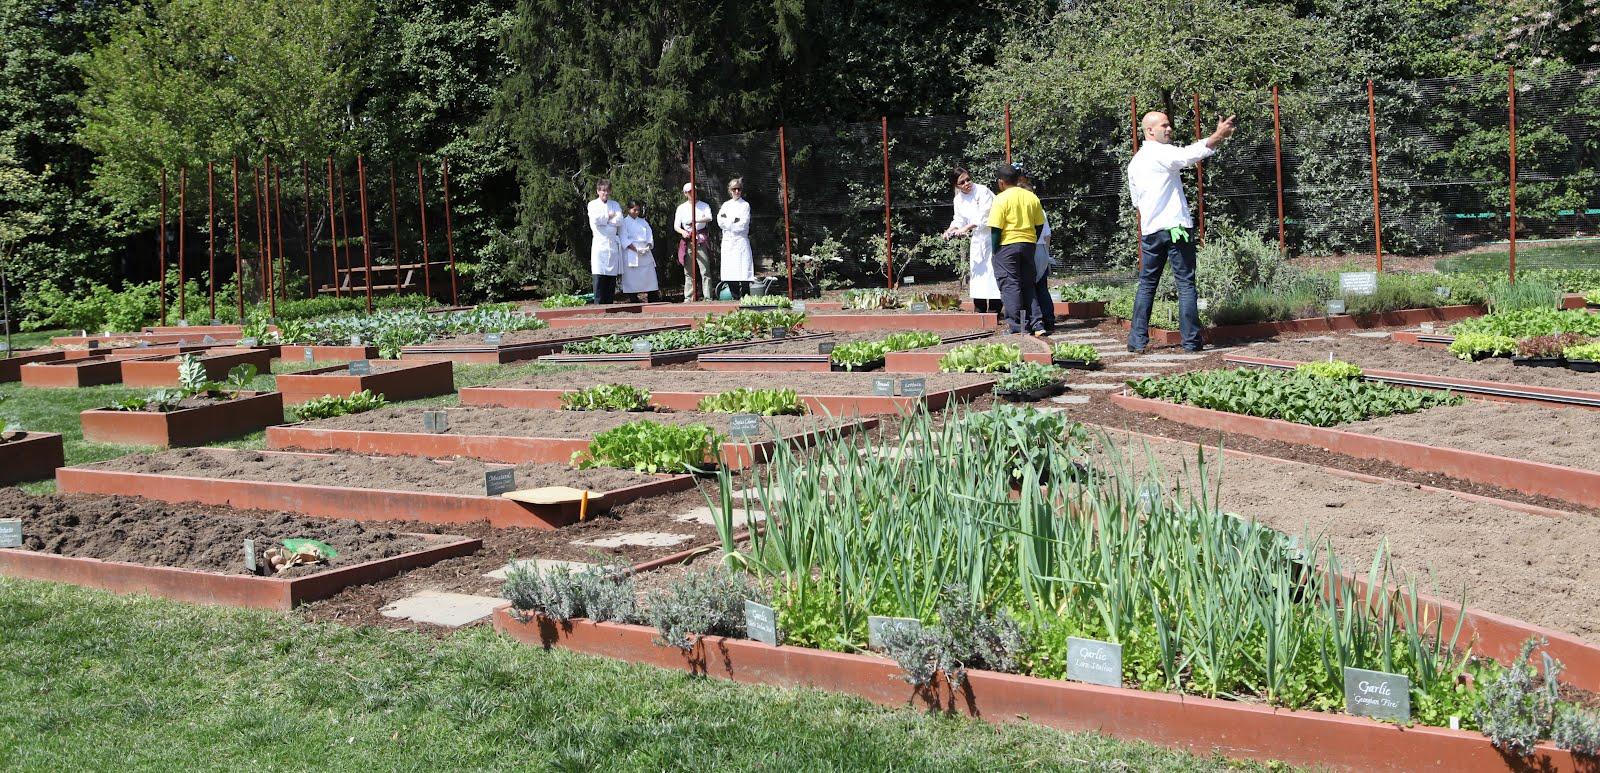 white house easter egg roll 2012: White House Kitchen Garden, Before ...